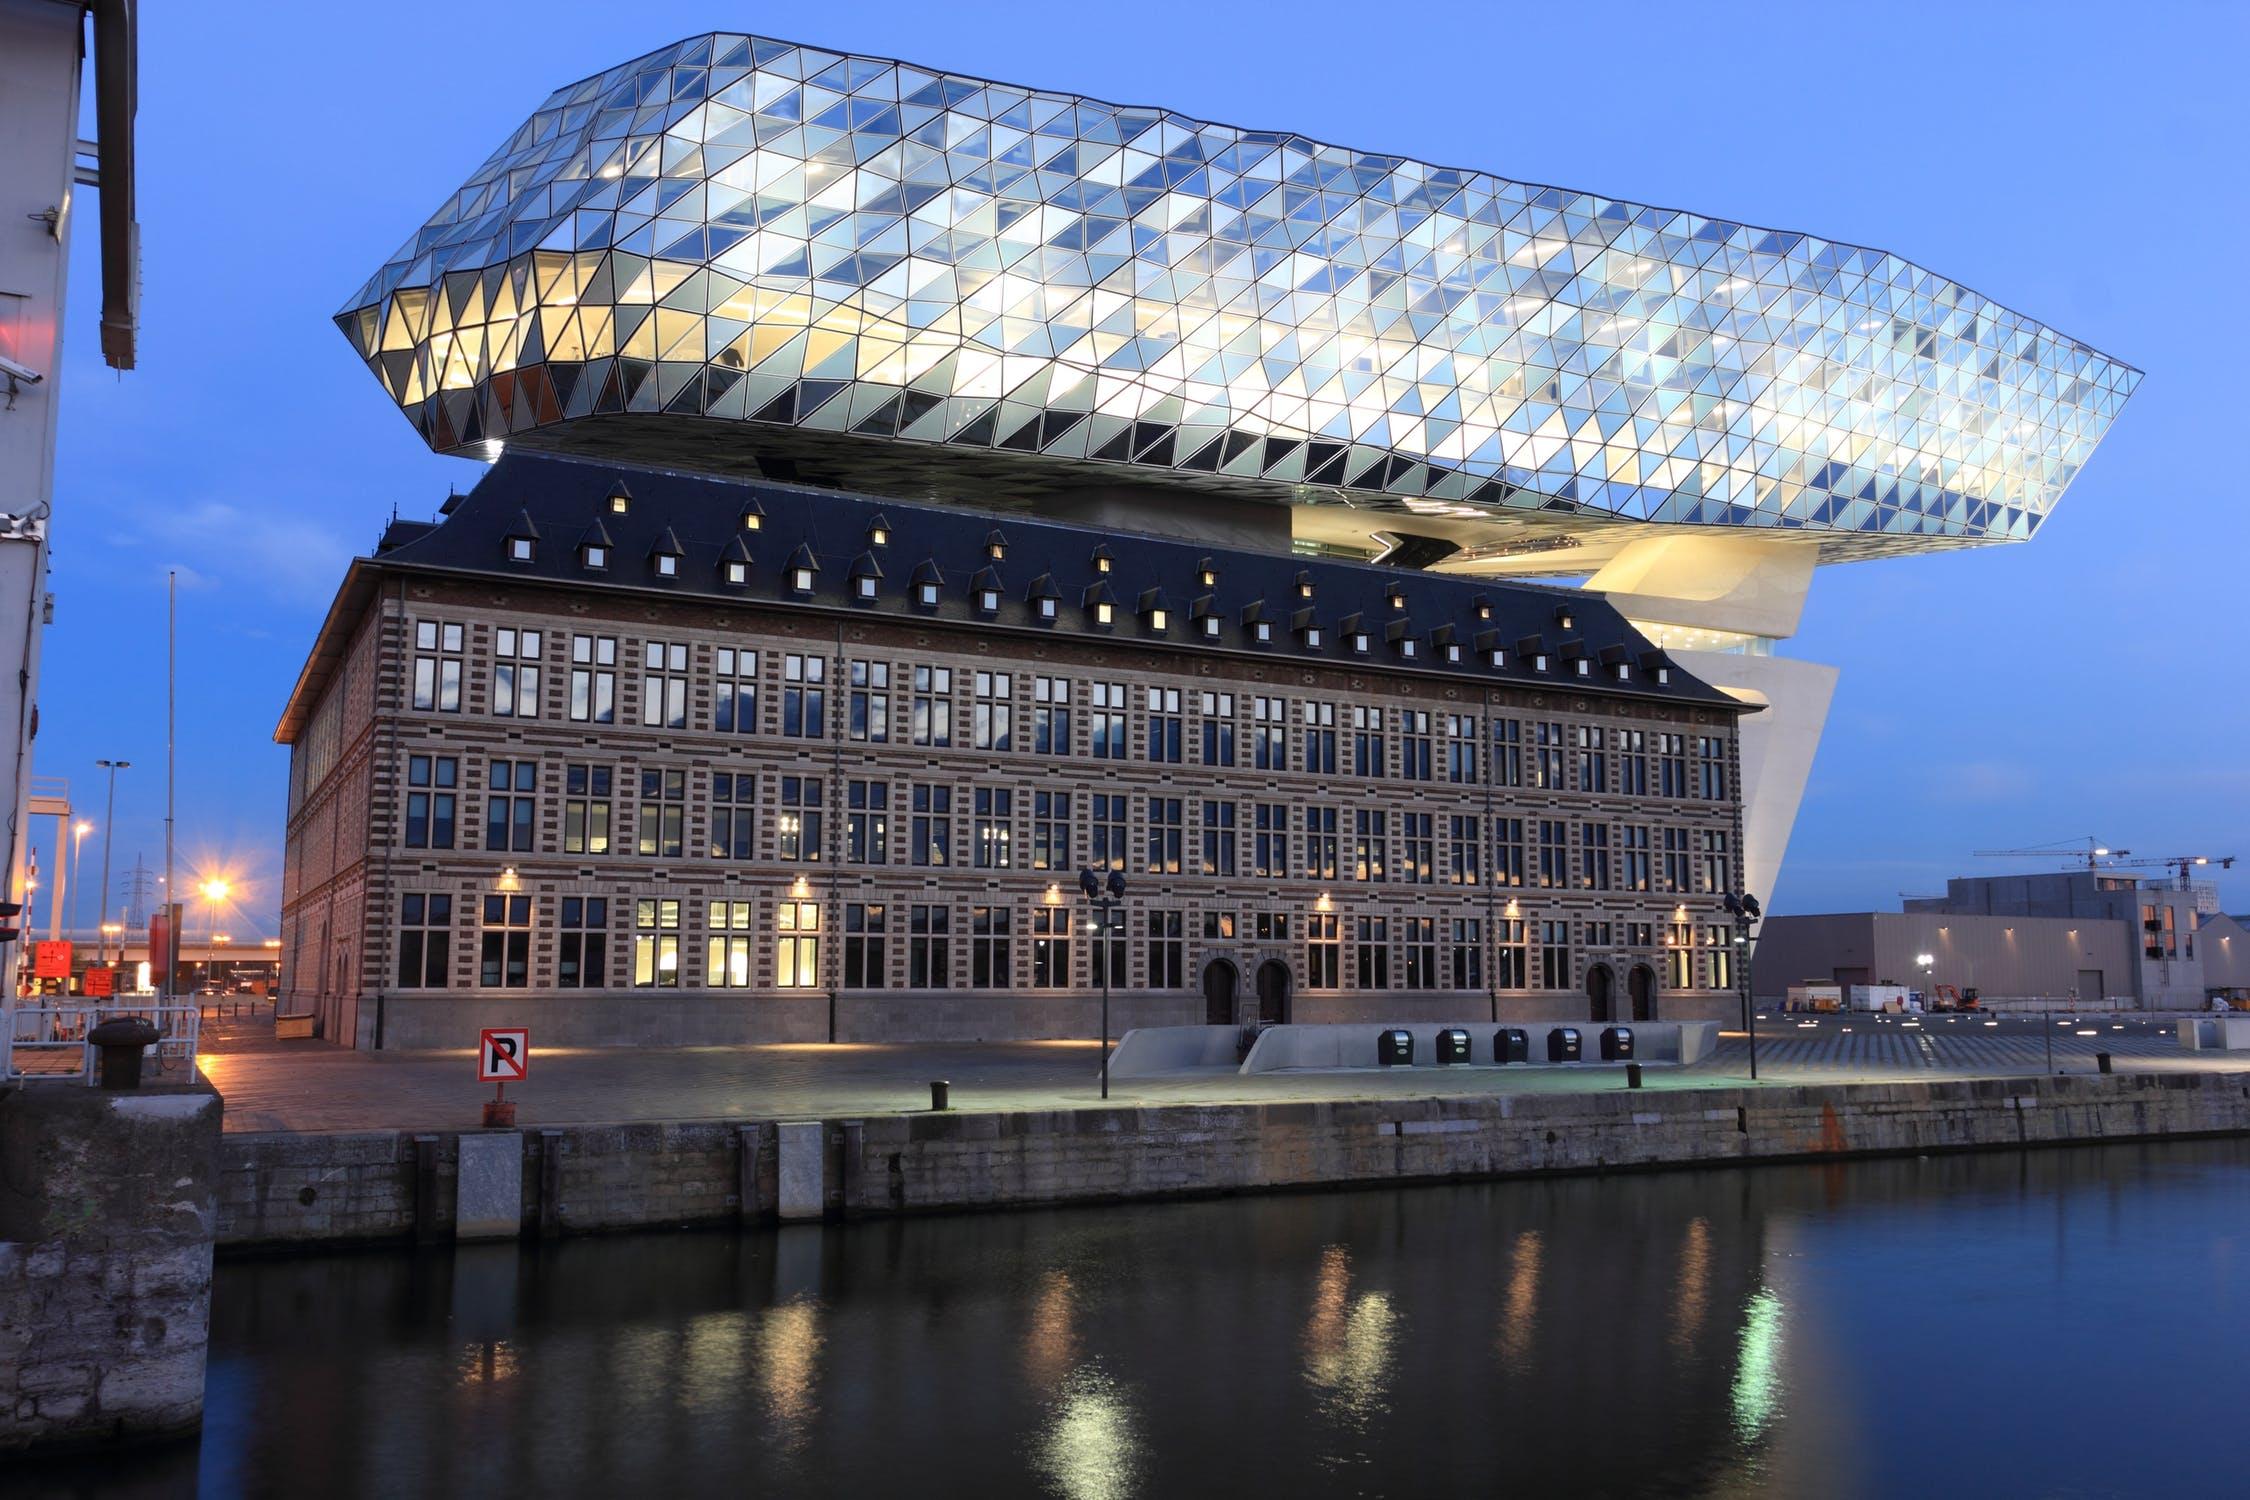 Diamanten Antwerpen: De diamant stad van de wereld